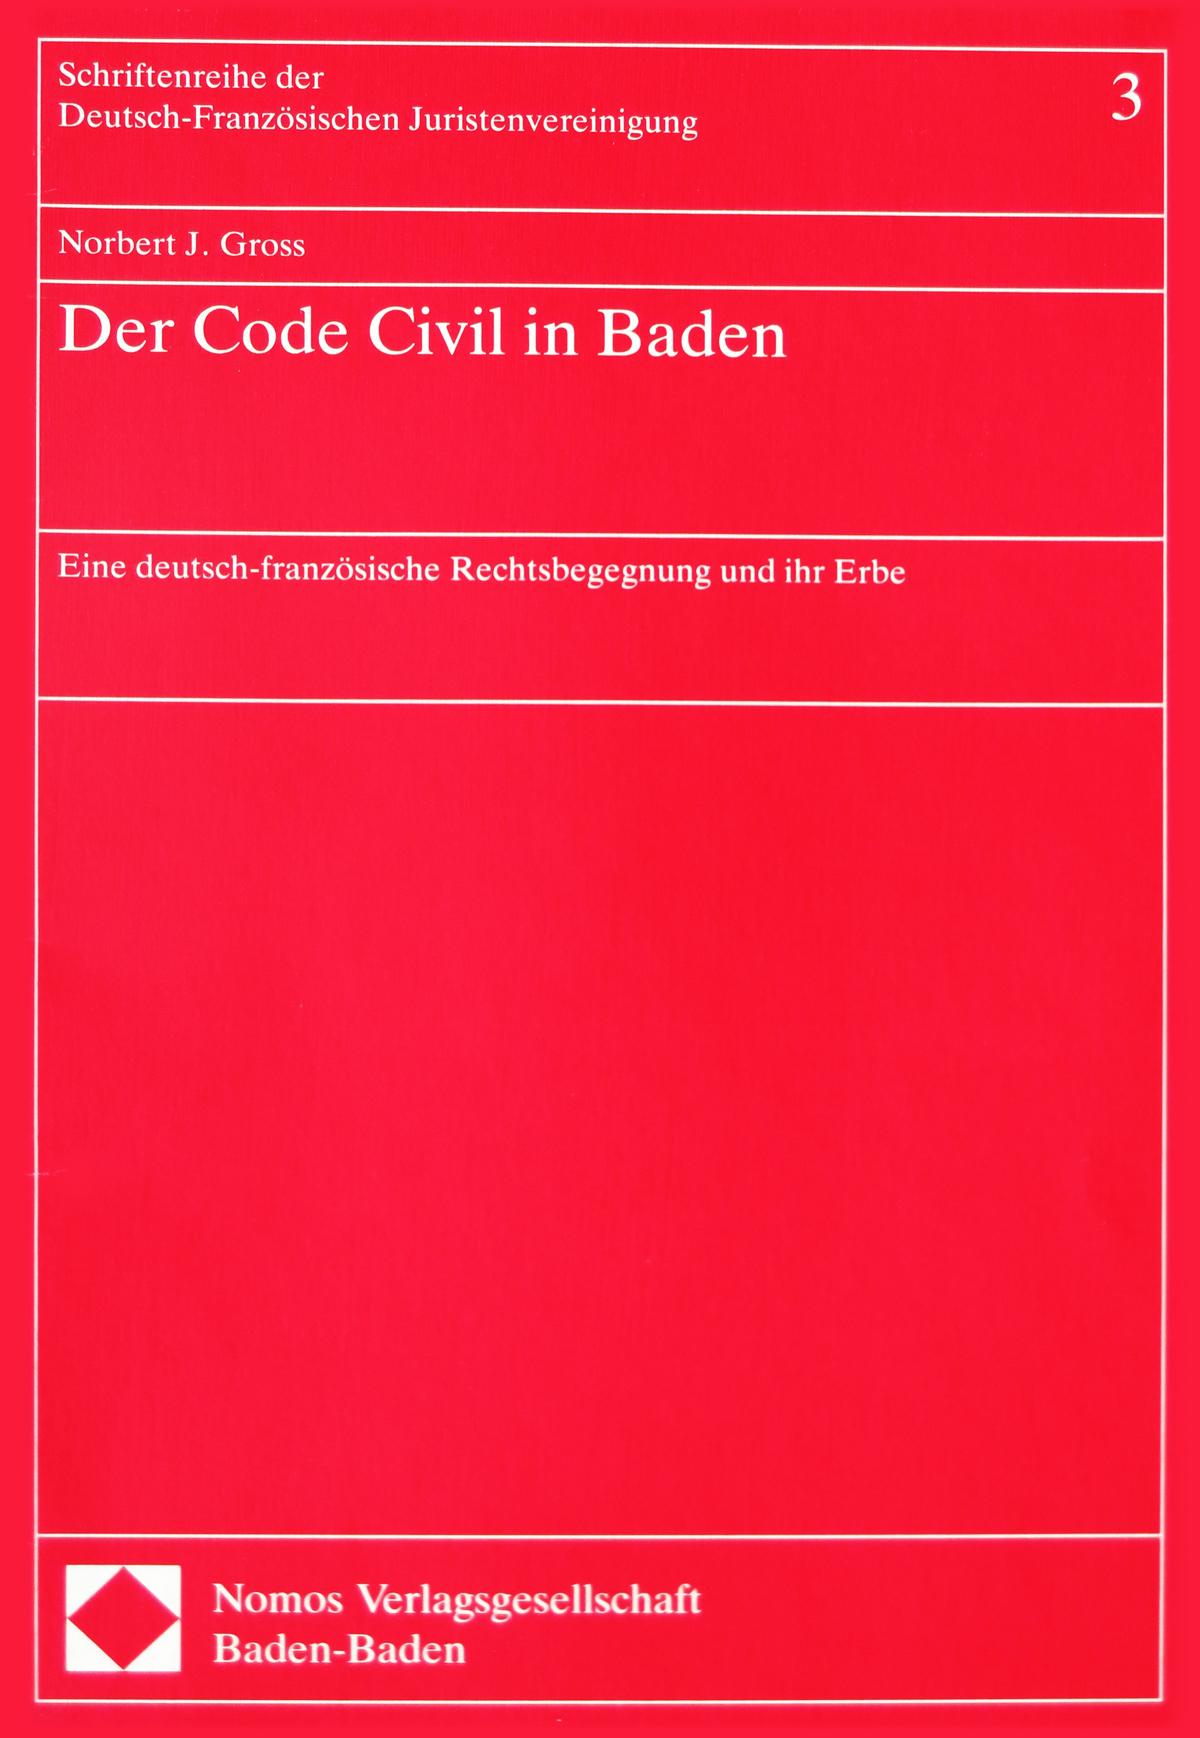 Pro civil disobedience essay